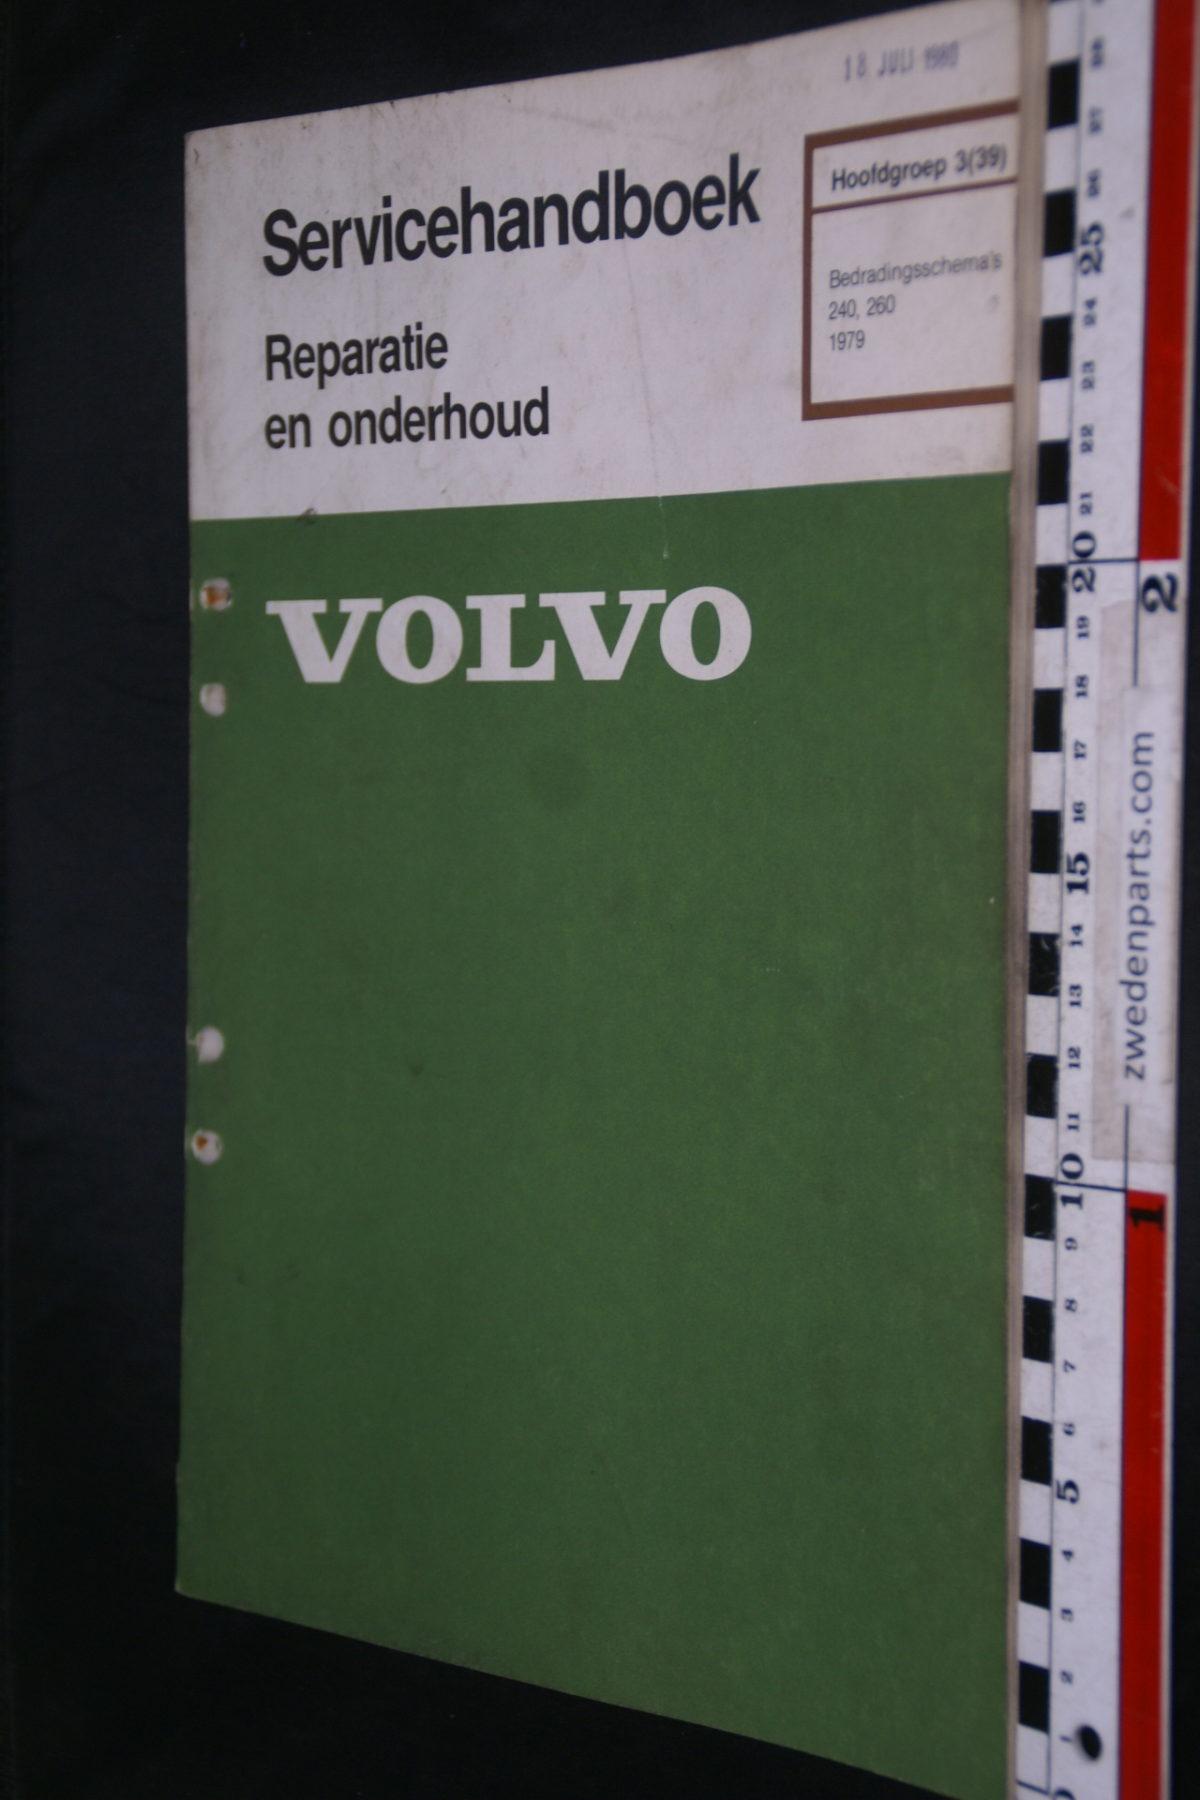 DSC08451 1980 origineel Volvo 240, 260 servicehandboek  3 (39) bedradingsschema 1 van 800 TP 30202-1